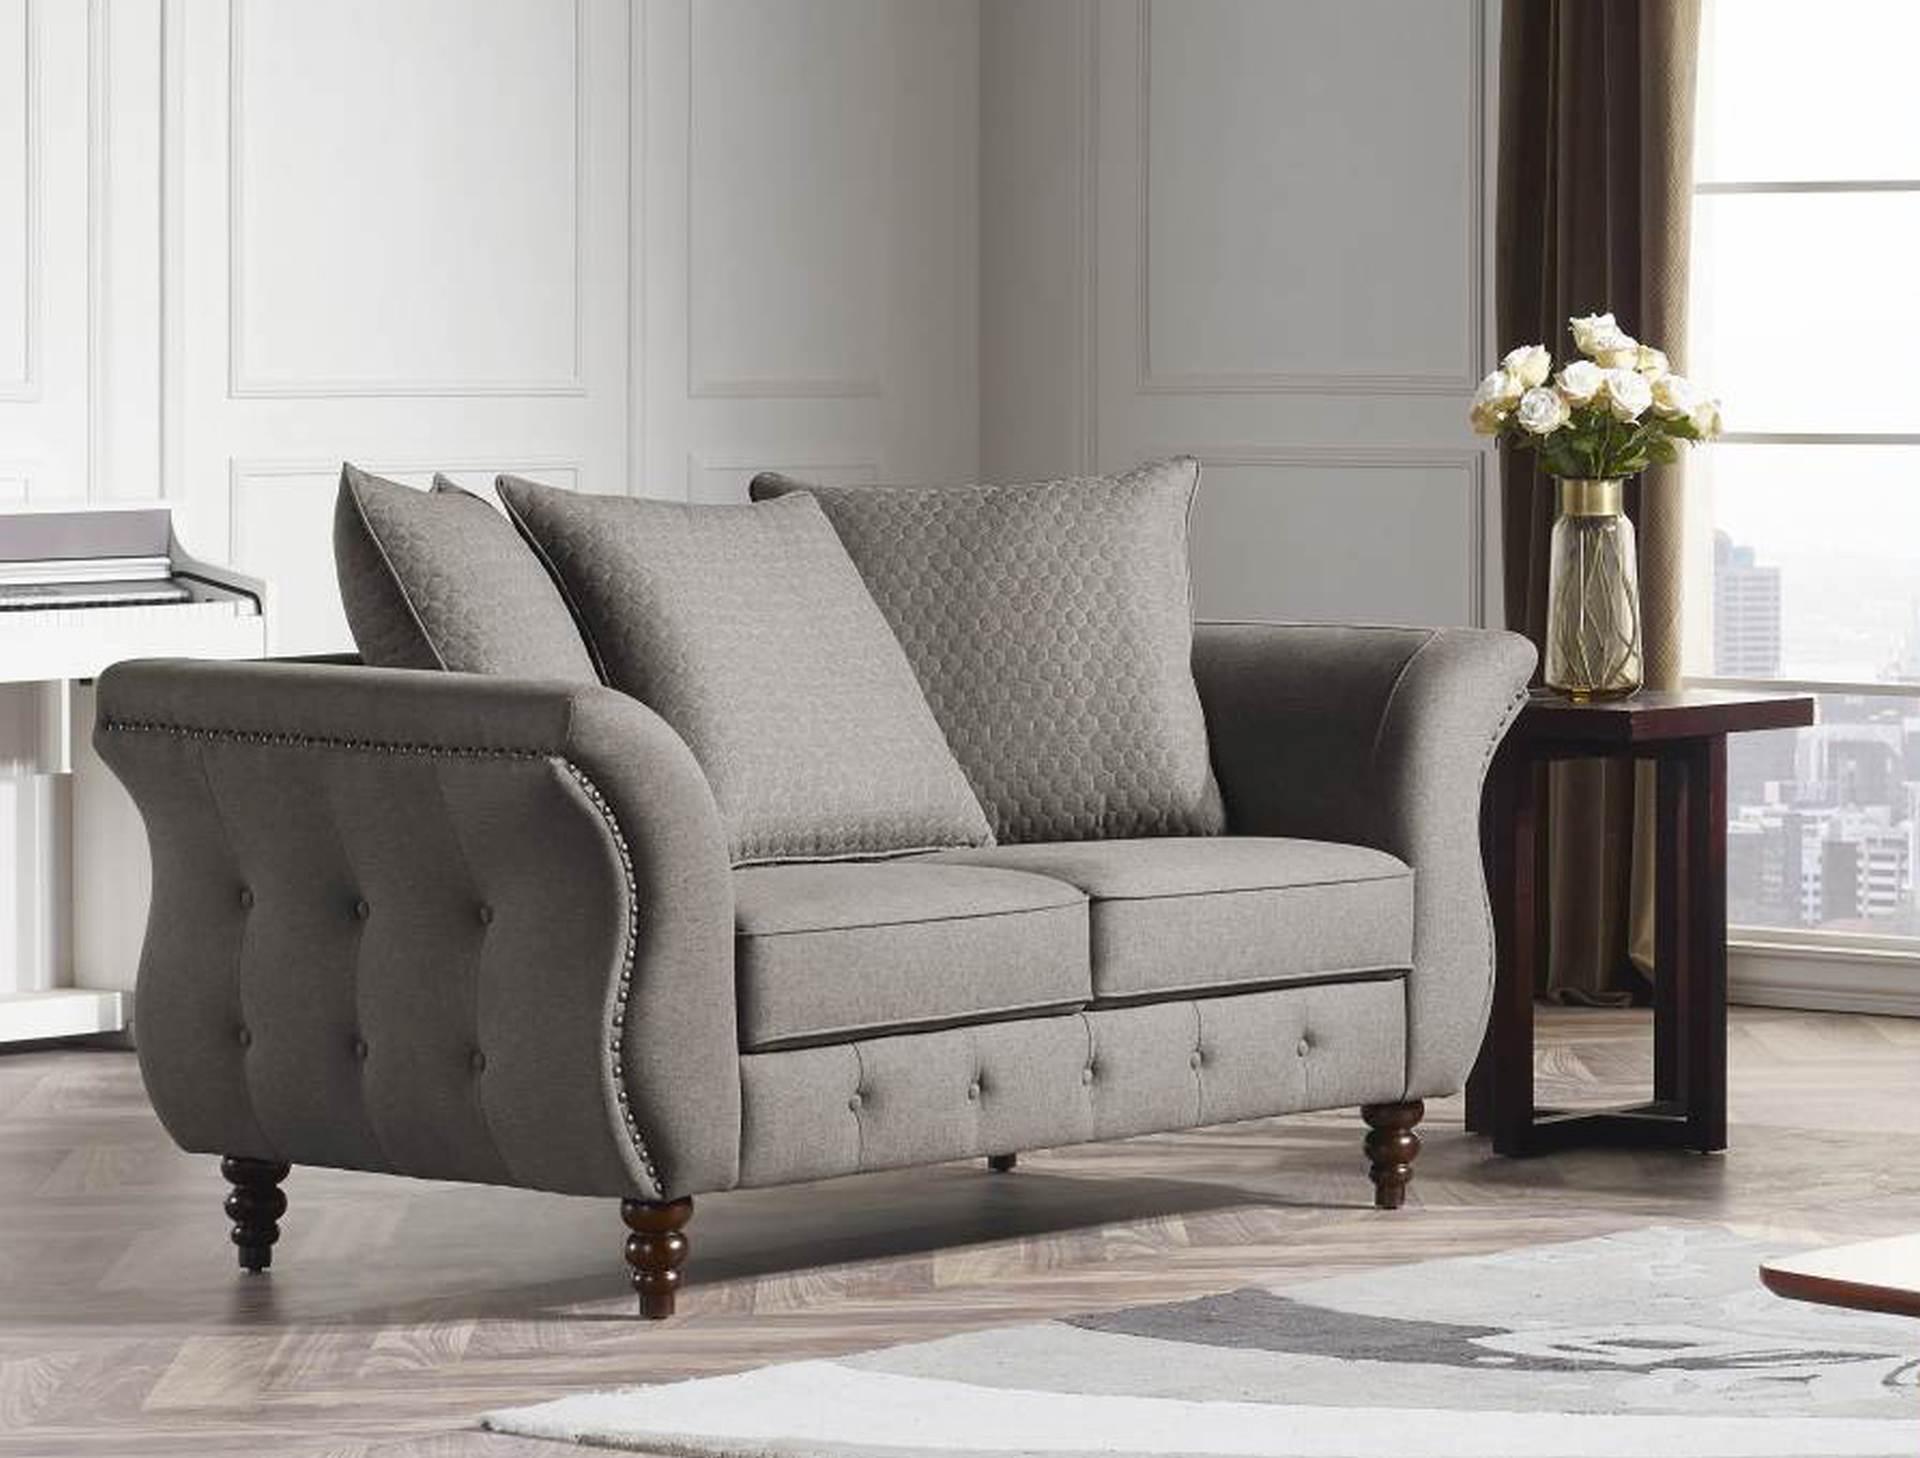 Jesse Designer 3 Pc Sofa Set Fabric Code K25 Taupe Husky